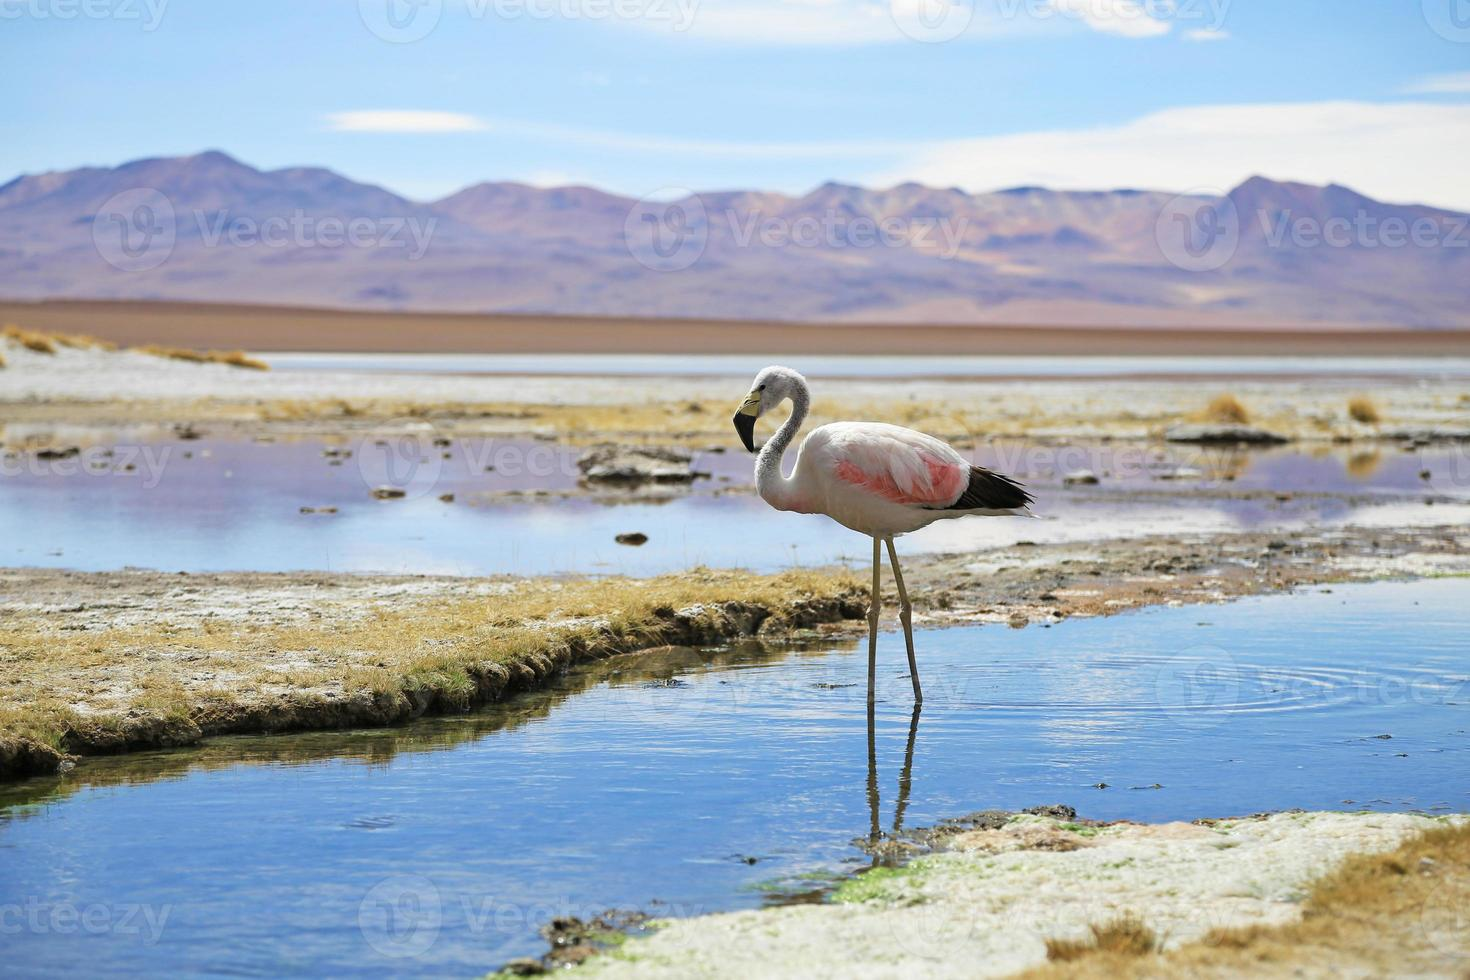 andes flamingos perto de fontes termais no deserto da bolívia foto